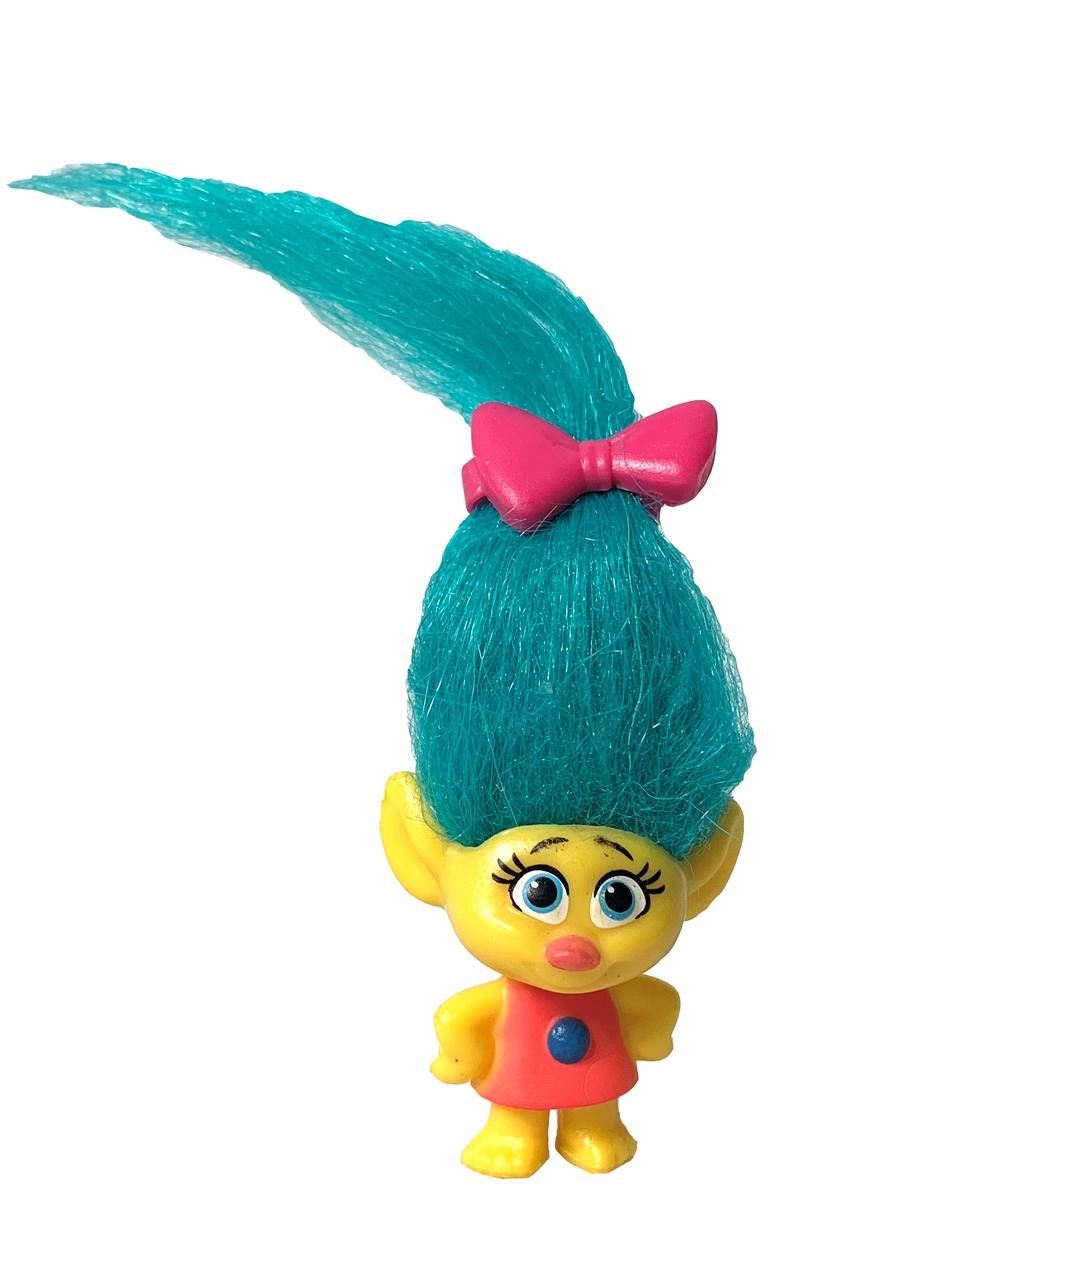 Игрушка-фигурка Hasbro Кроха, Тролли - Smidge, Trolls